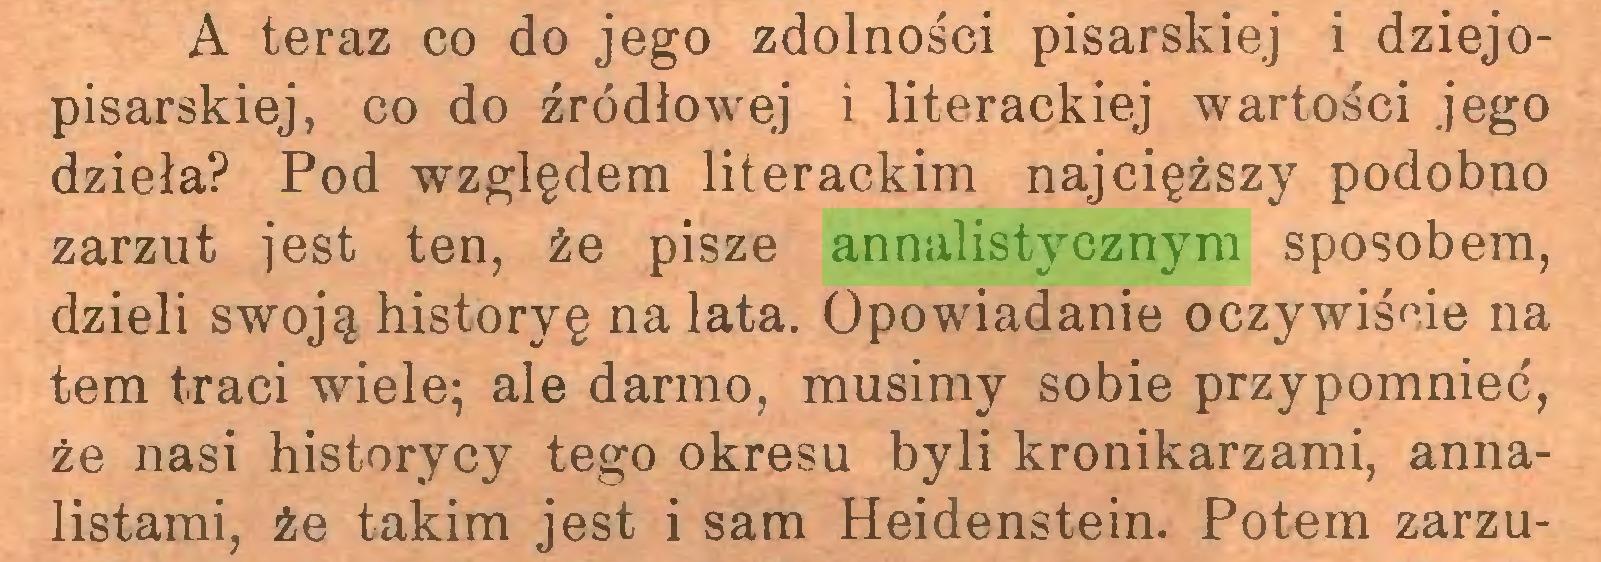 (...) A teraz co do jego zdolności pisarskiej i dziejopisarskiej, co do źródłowej i literackiej wartości jego dzieła? Pod względem literackim najcięższy podobno zarzut jest ten, że pisze annalistycznym sposobem, dzieli swoją historyę na lata. Opowiadanie oczywiście na tern traci wiele; ale darmo, musimy sobie przypomnieć, że nasi historycy tego okresu byli kronikarzami, annalistami, że takim jest i sam Heidenstein. Potem zarzu...